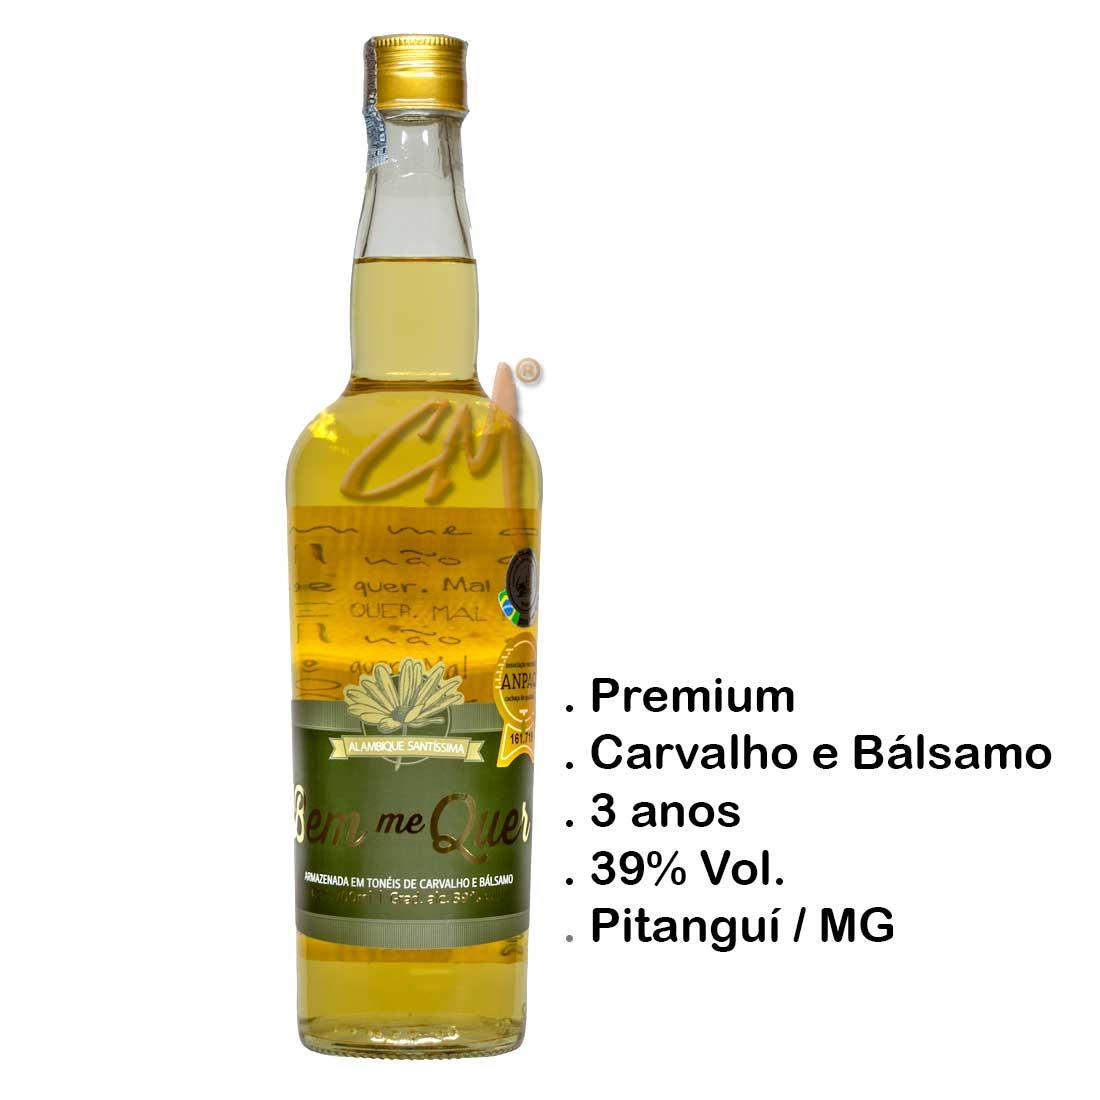 Cachaça Bem Me Quer Ouro 700 ml (Pitanguí - MG)